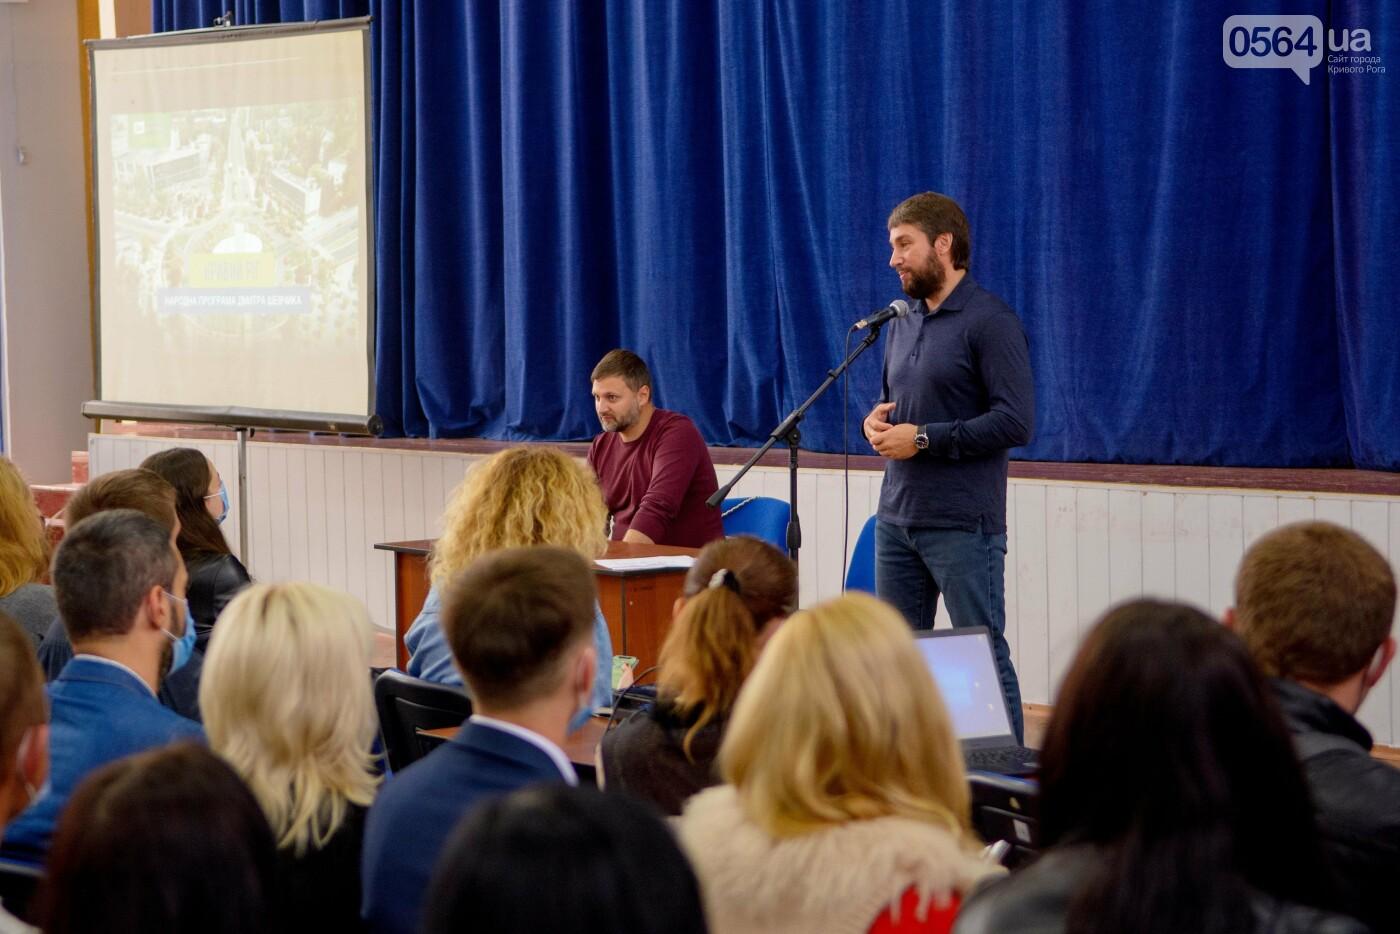 Дмитрий Шевчик презентовал Народную программу развития города , фото-8